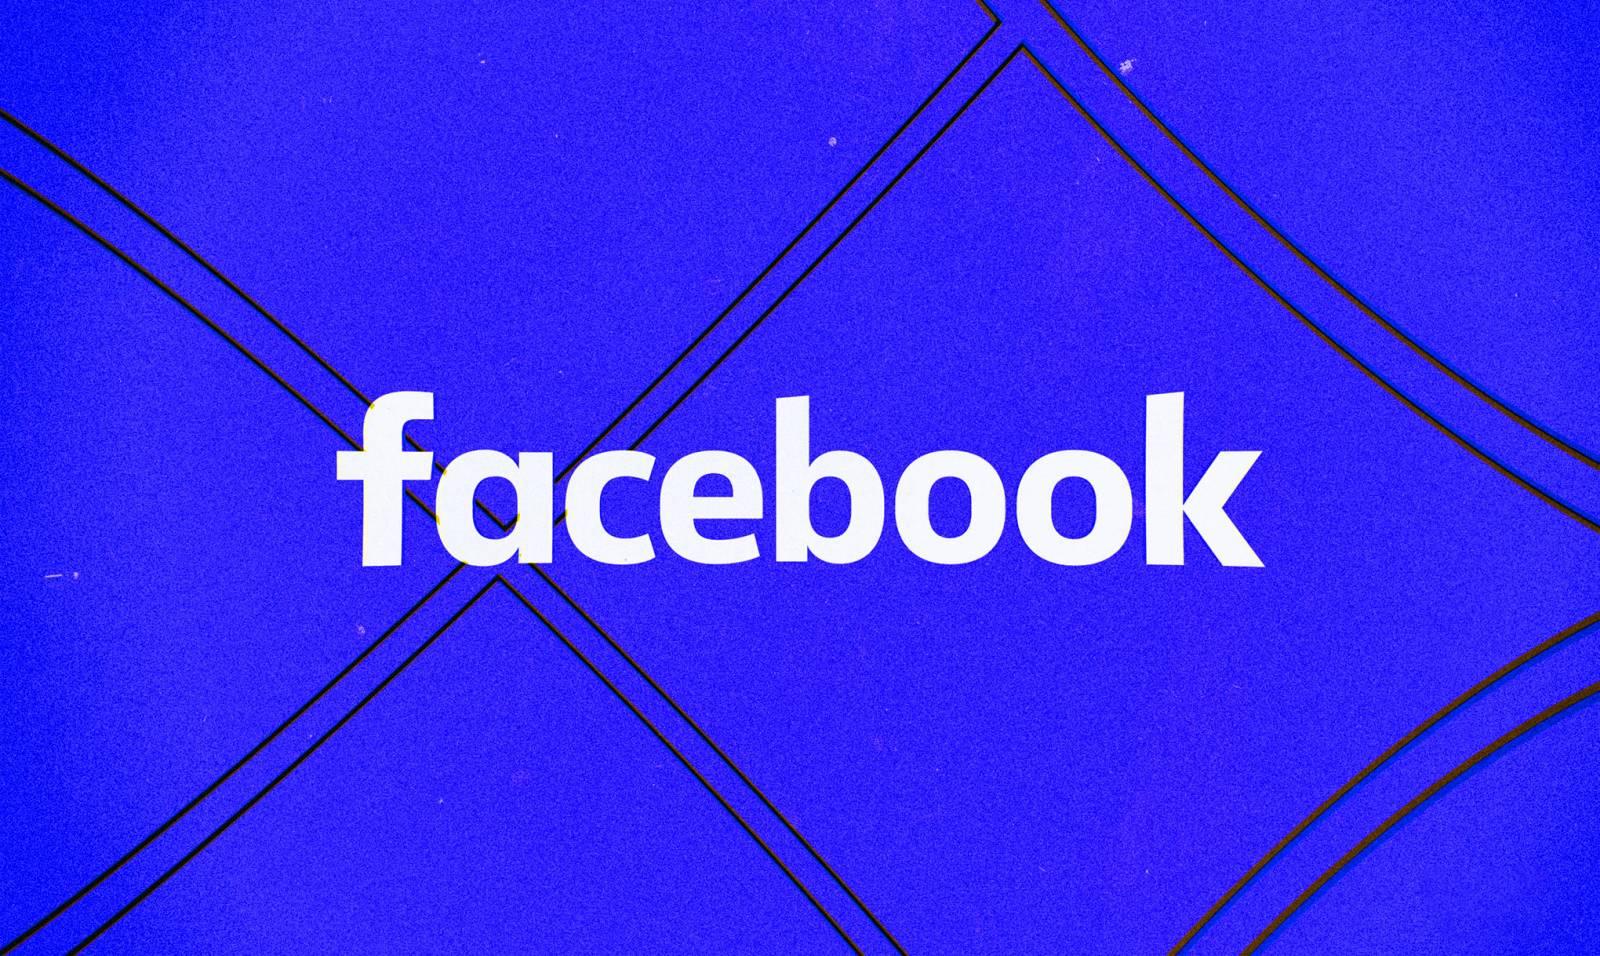 Facebook lasso inchisa